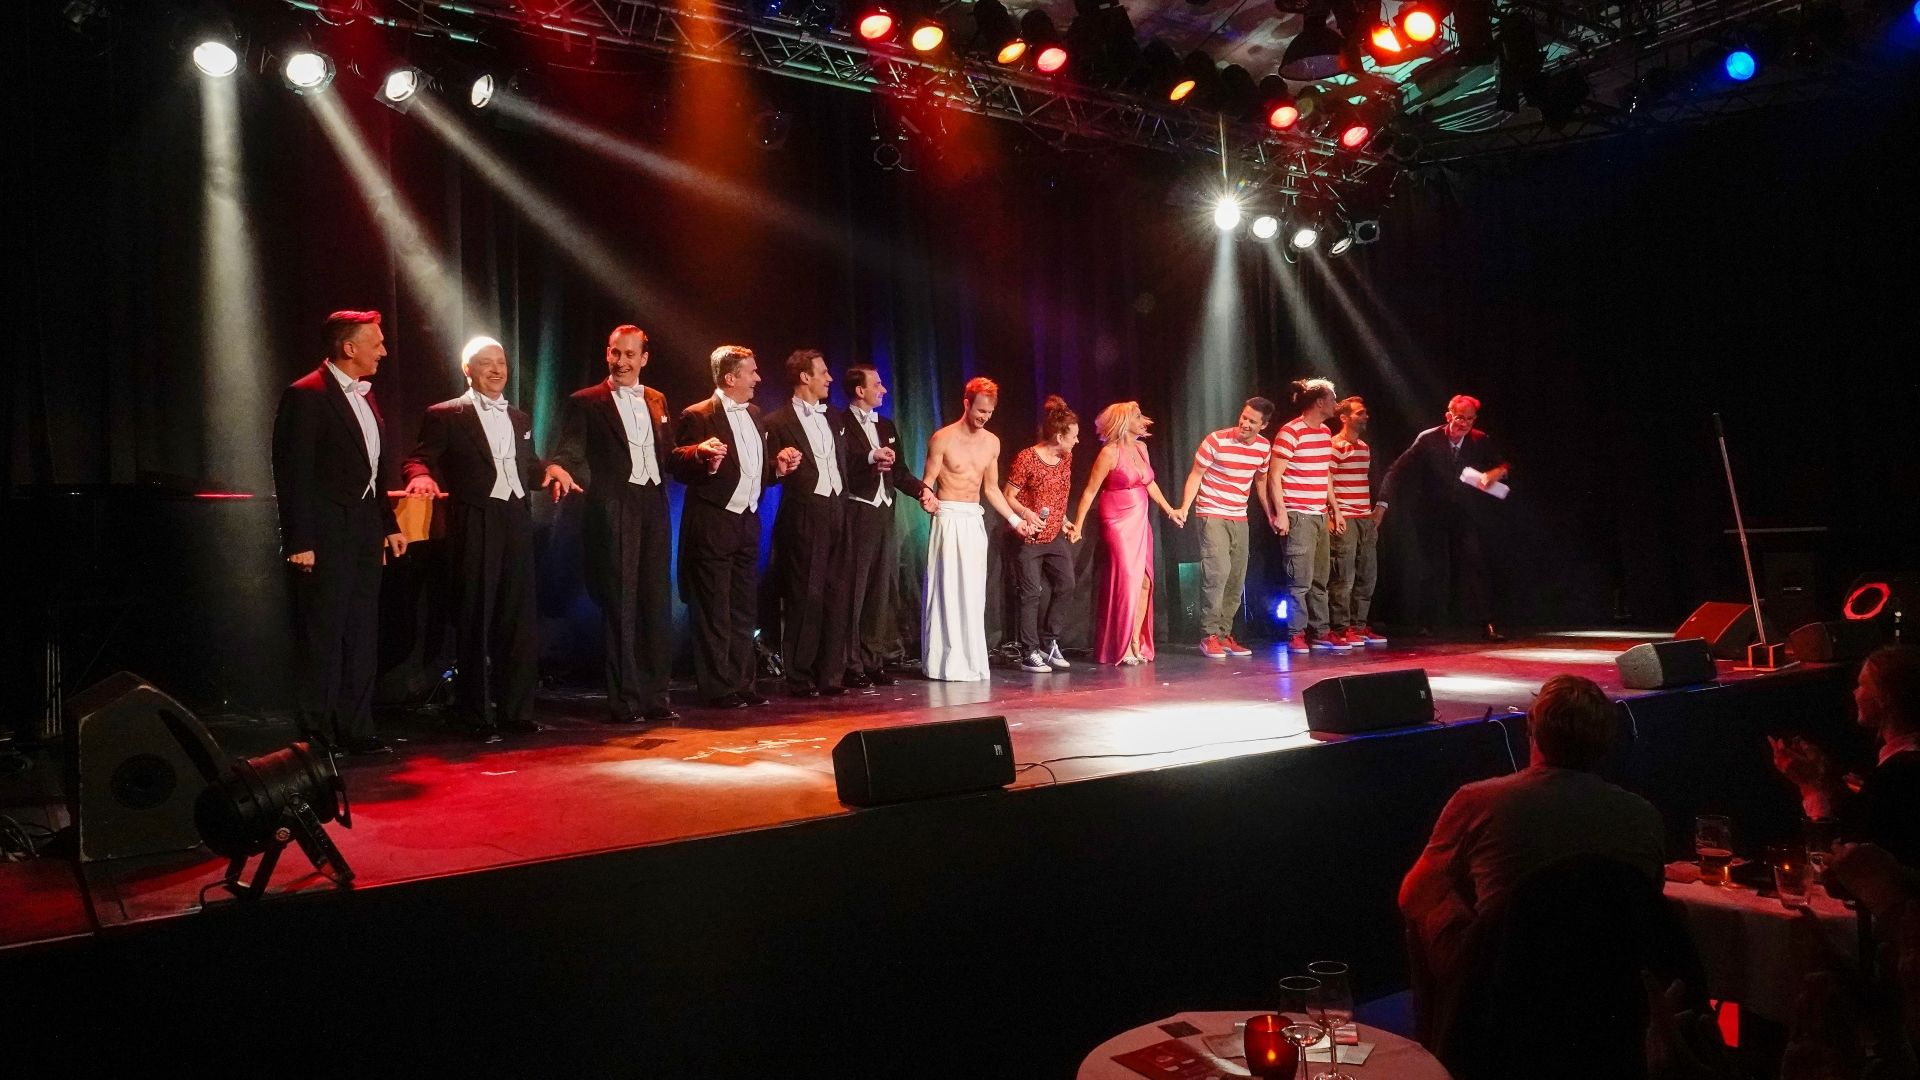 Meerkabarett Sylt 2019, die Stars des Openings